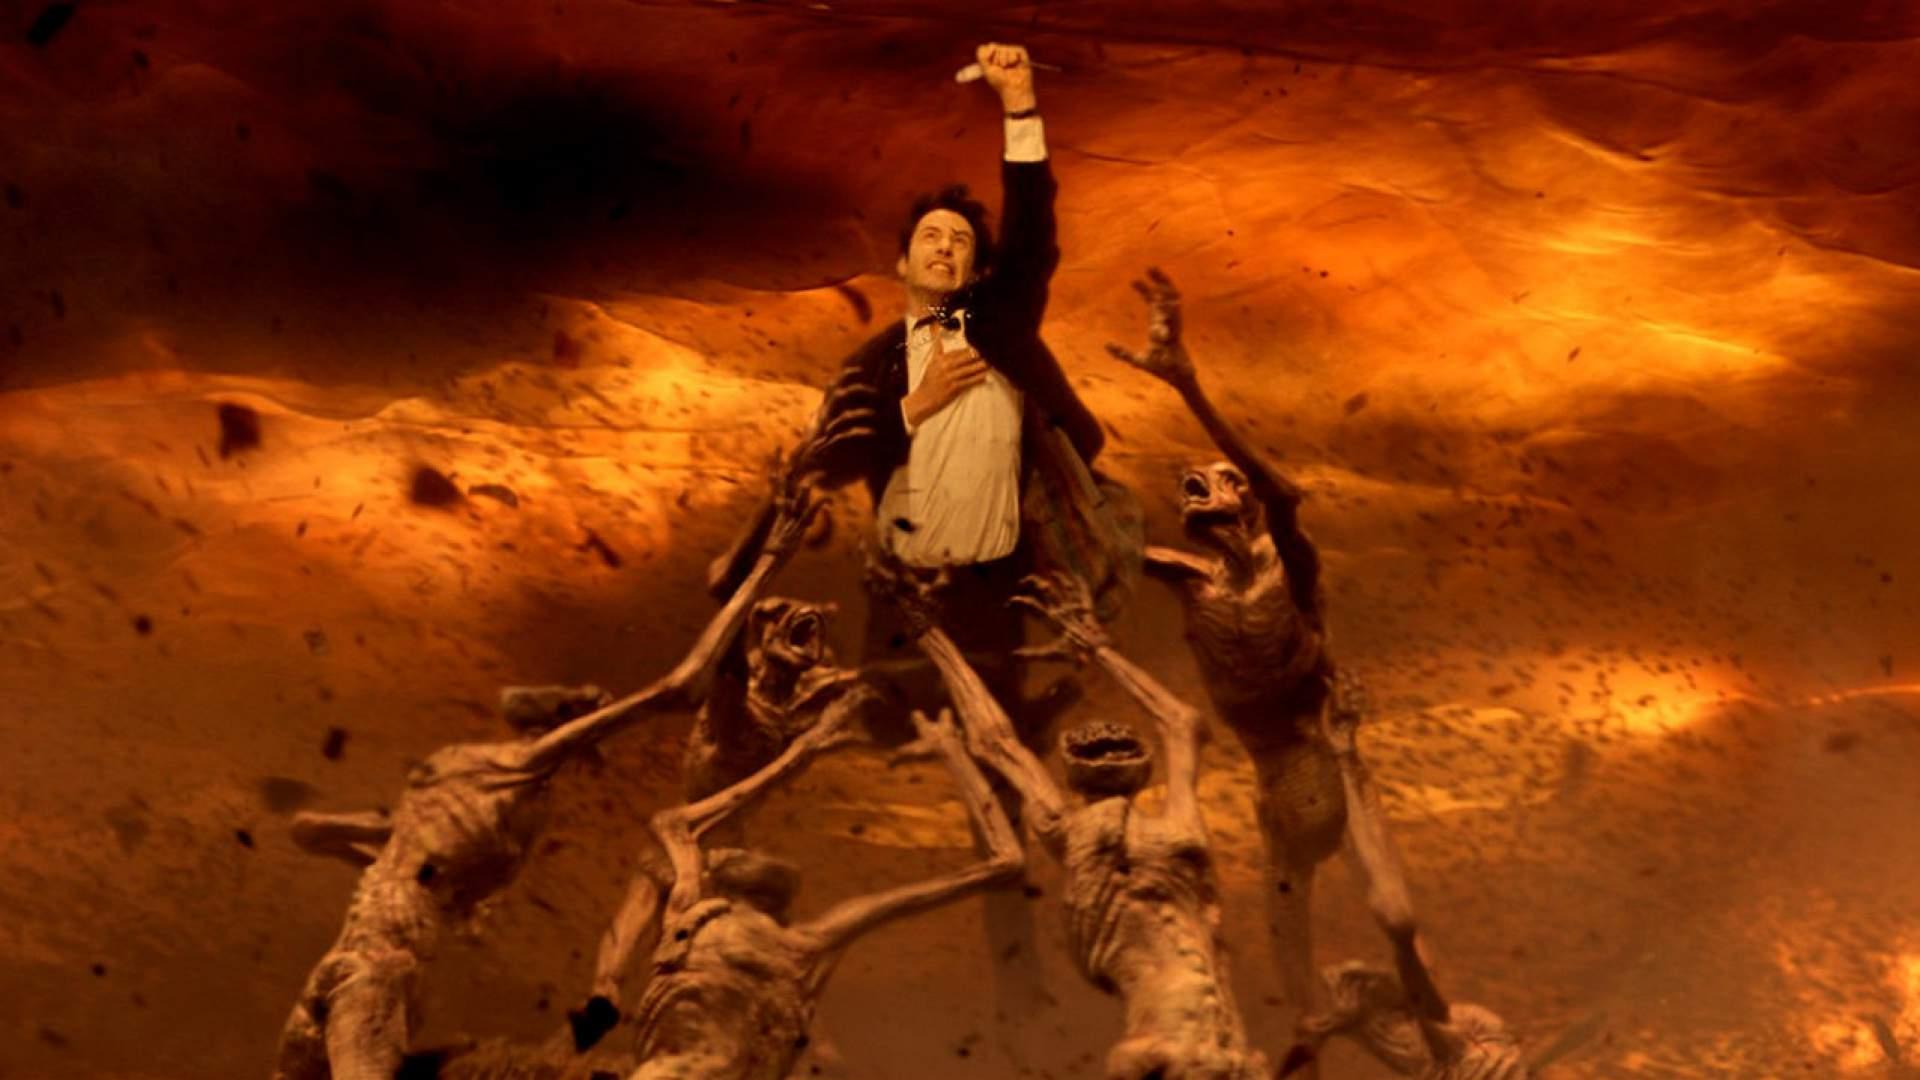 FORTSETZUNG: Keanu Reeves will 'Constantine 2' - So stehen die Chancen